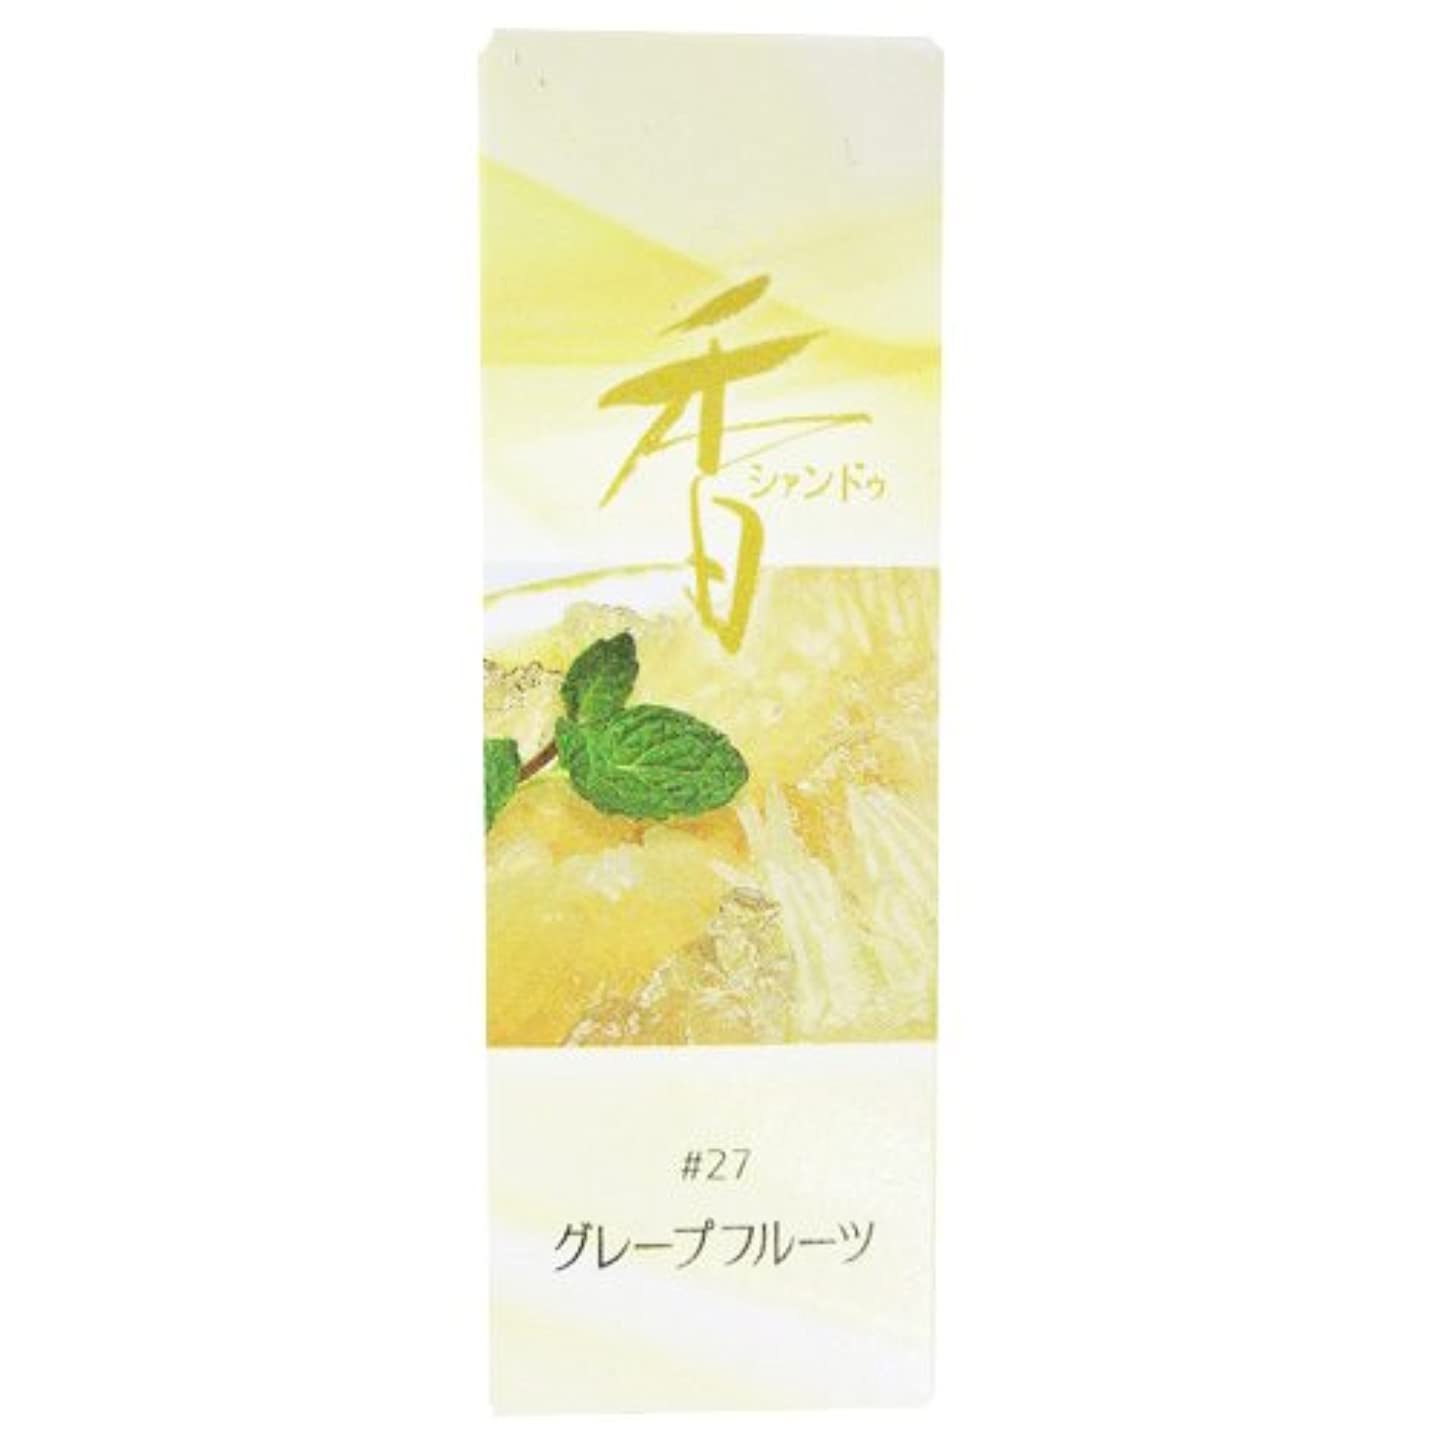 最少広範囲クラス松栄堂のお香 Xiang Do(シャンドゥ) グレープフルーツ ST20本入 簡易香立付 #214227